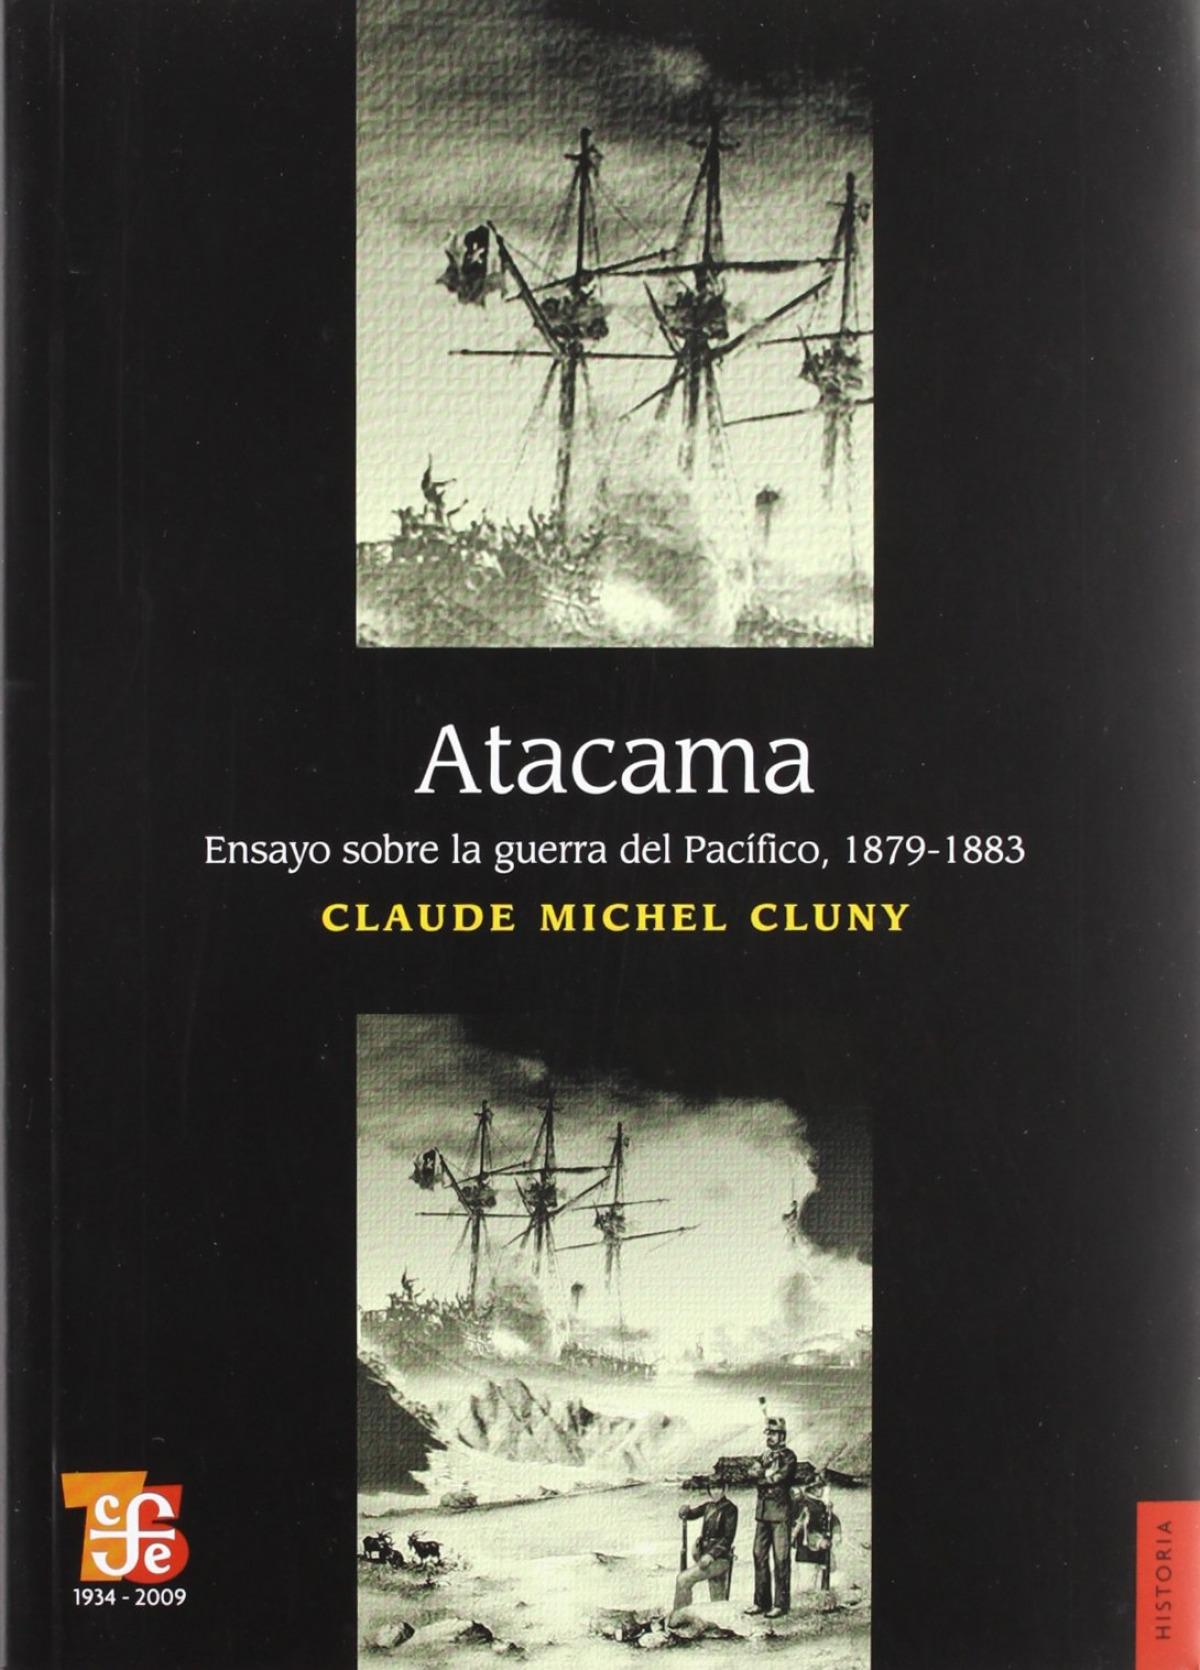 Atacama : Ensayo sobre la Guerra del Pacífico, 1879-1883